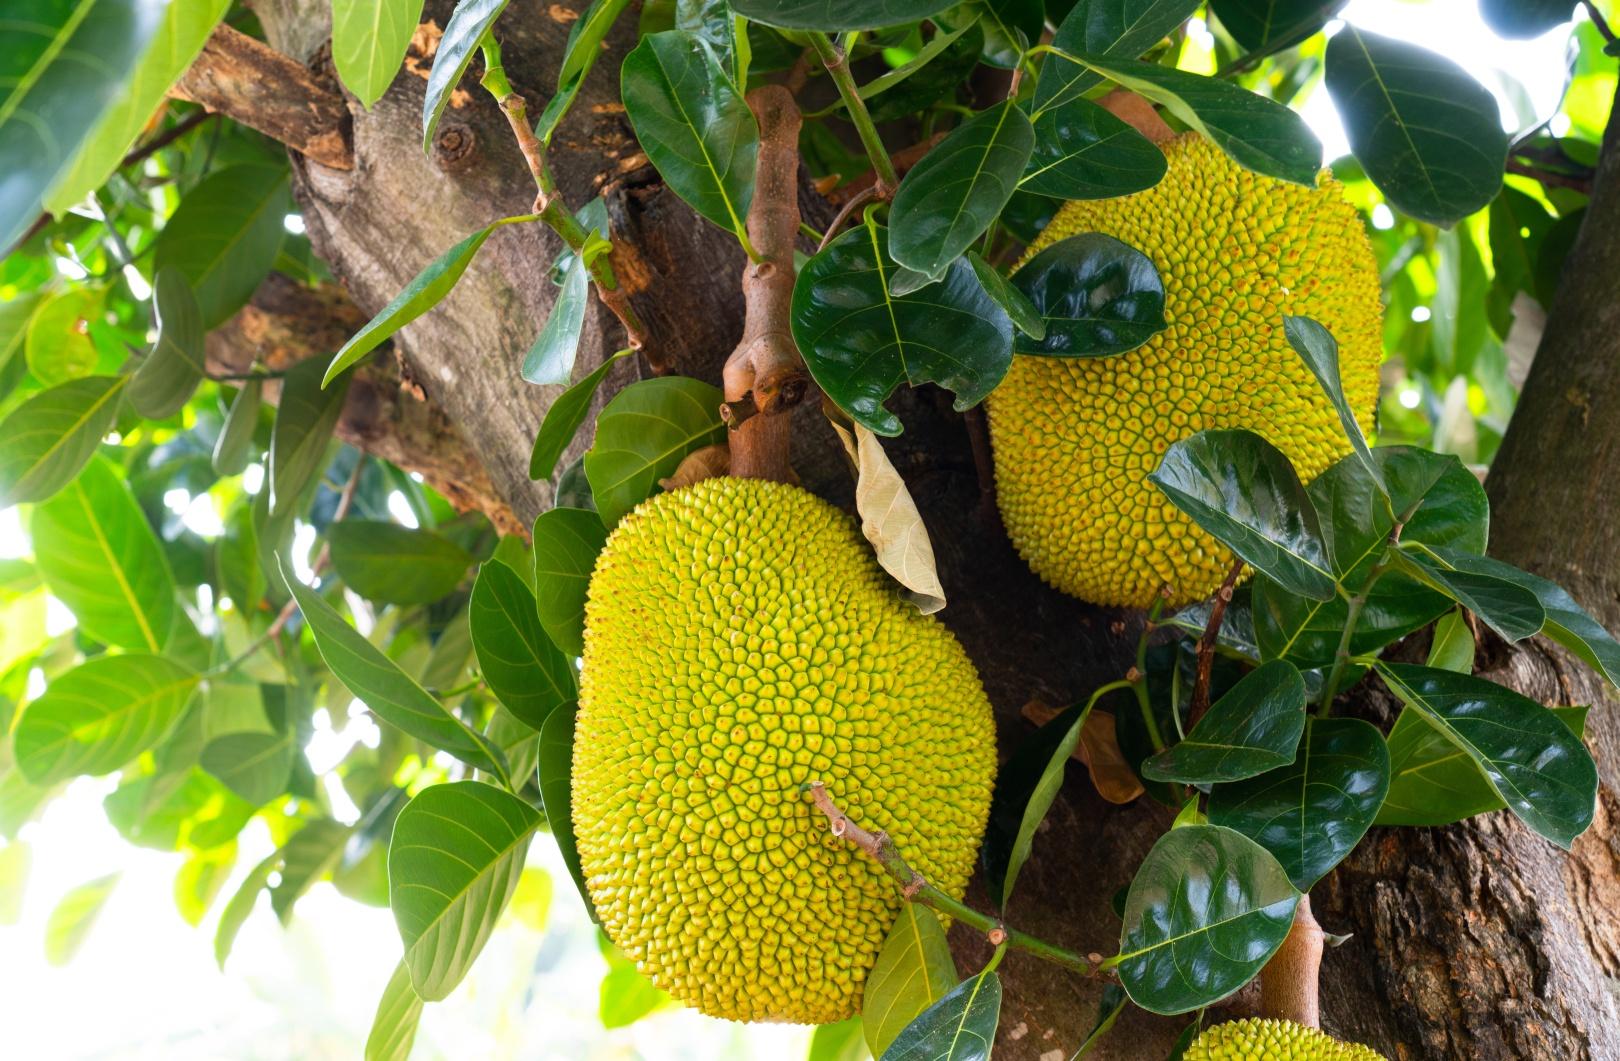 jackfruit - how it's grown